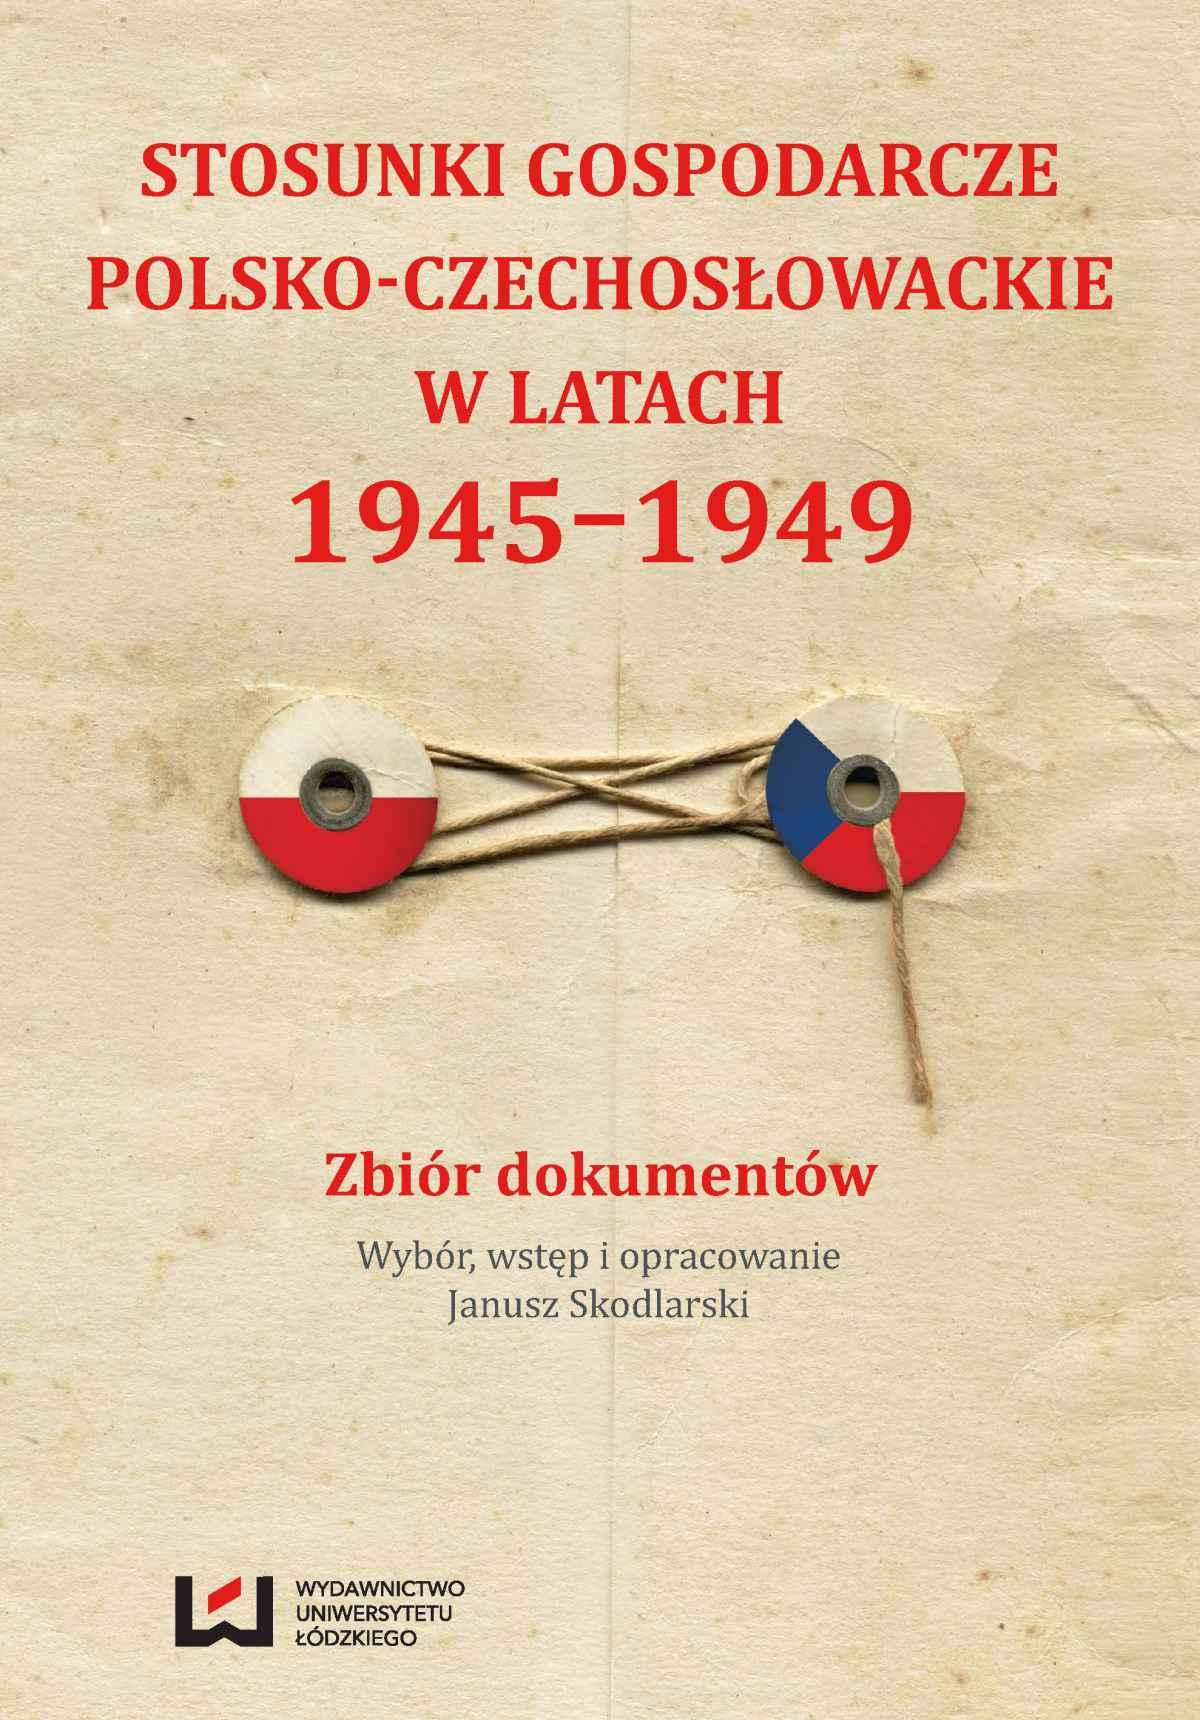 Stosunki gospodarcze polsko-czechosłowackie w latach 1945-1949. Zbiór dokumentów - Ebook (Książka PDF) do pobrania w formacie PDF